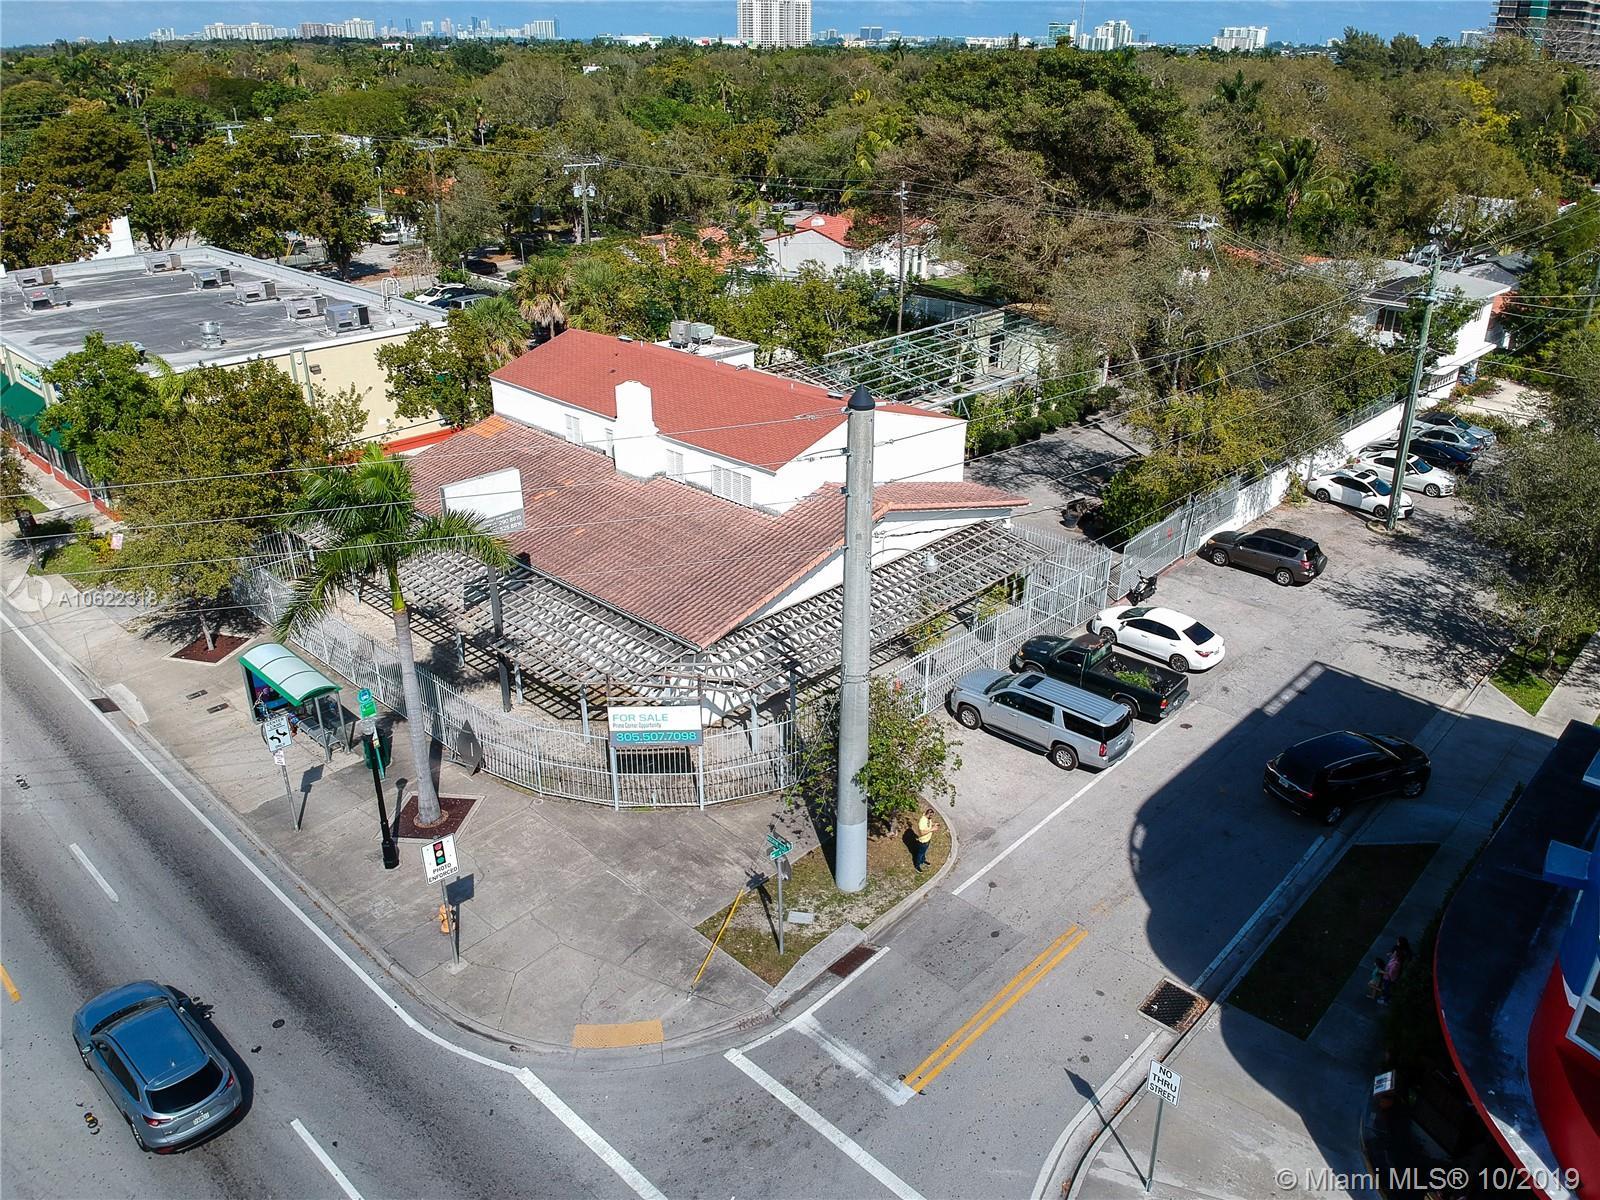 6807 Biscayne Blvd, Miami, FL 33138